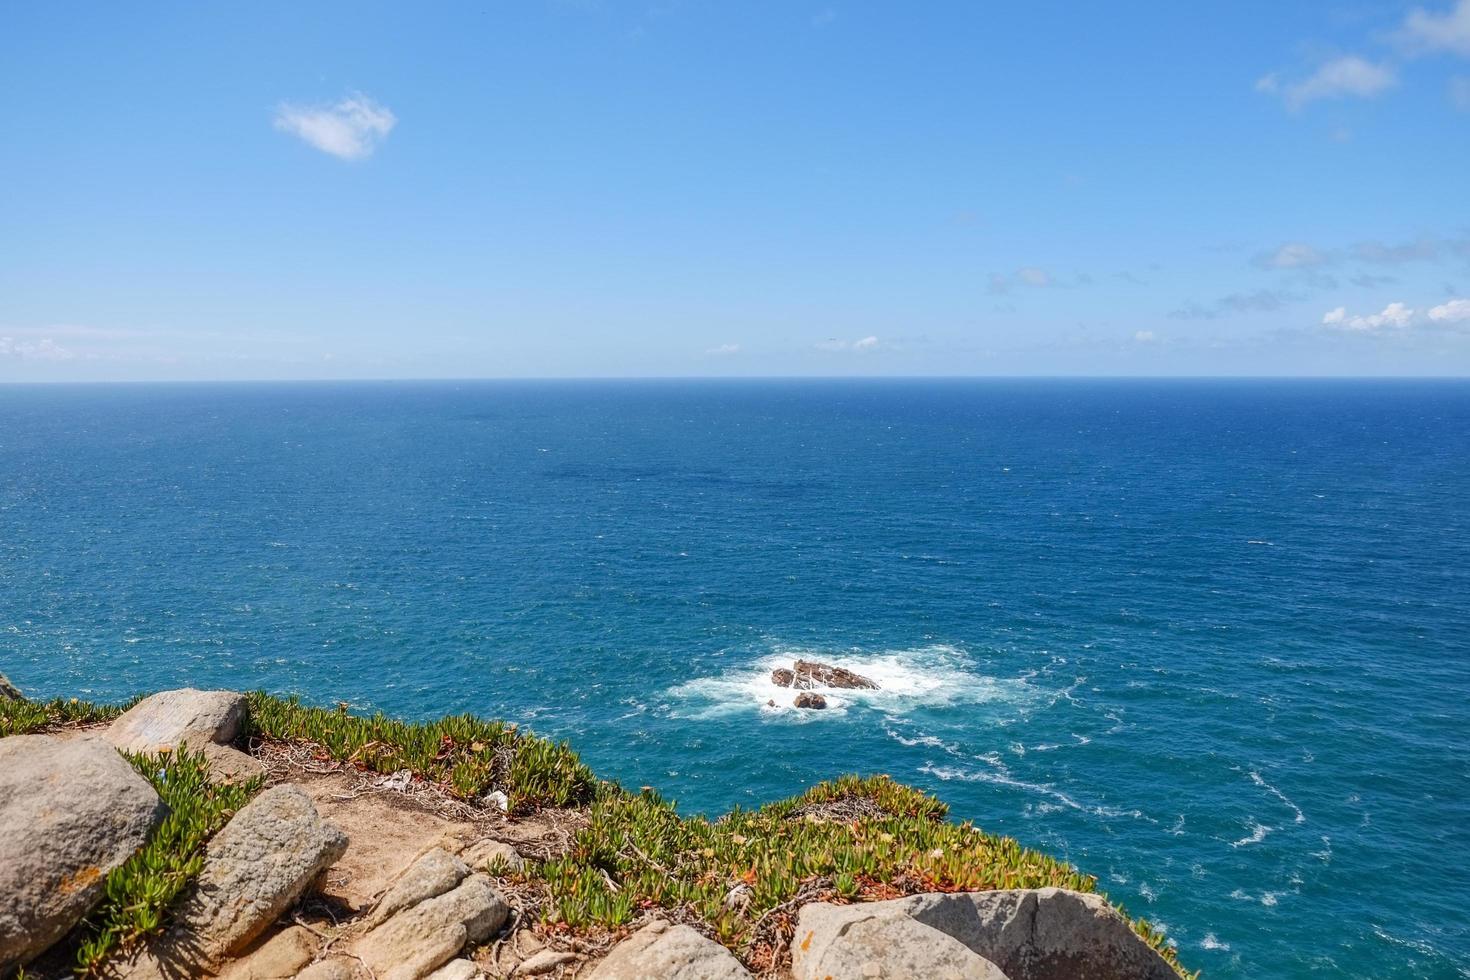 Atlantik mit kleinen Wellen gegen blauen Himmel foto